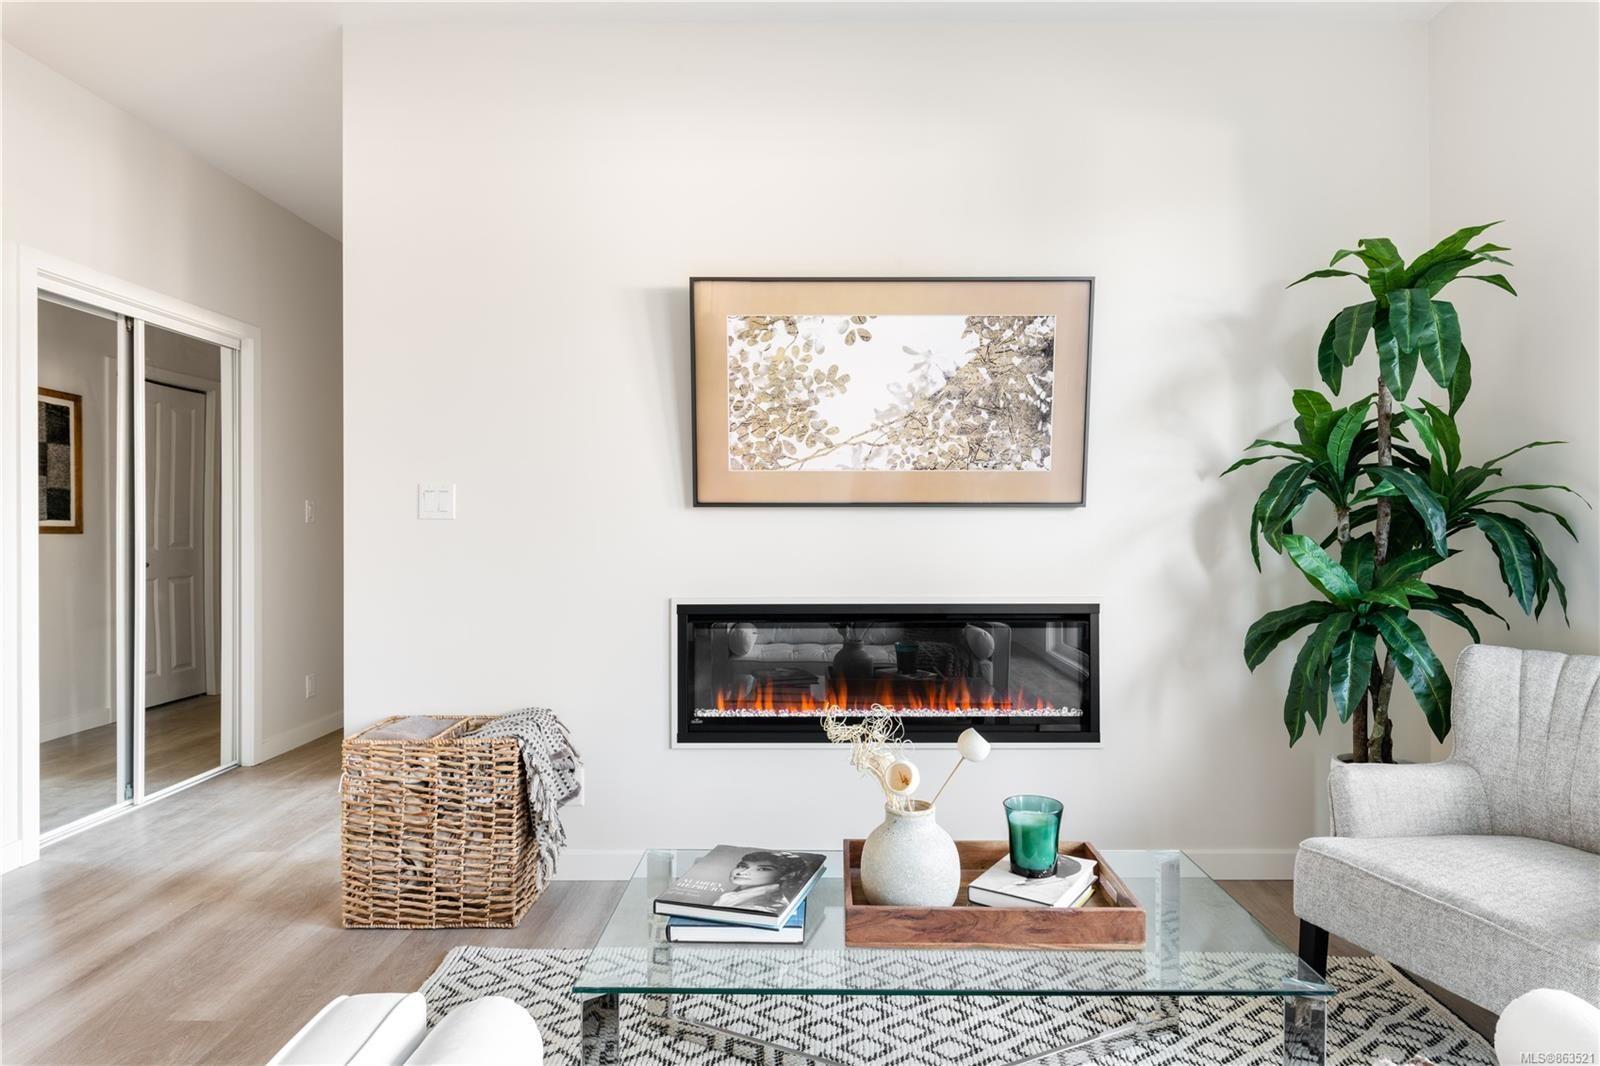 Main Photo: 301 815 Orono Ave in : La Langford Proper Condo for sale (Langford)  : MLS®# 863521